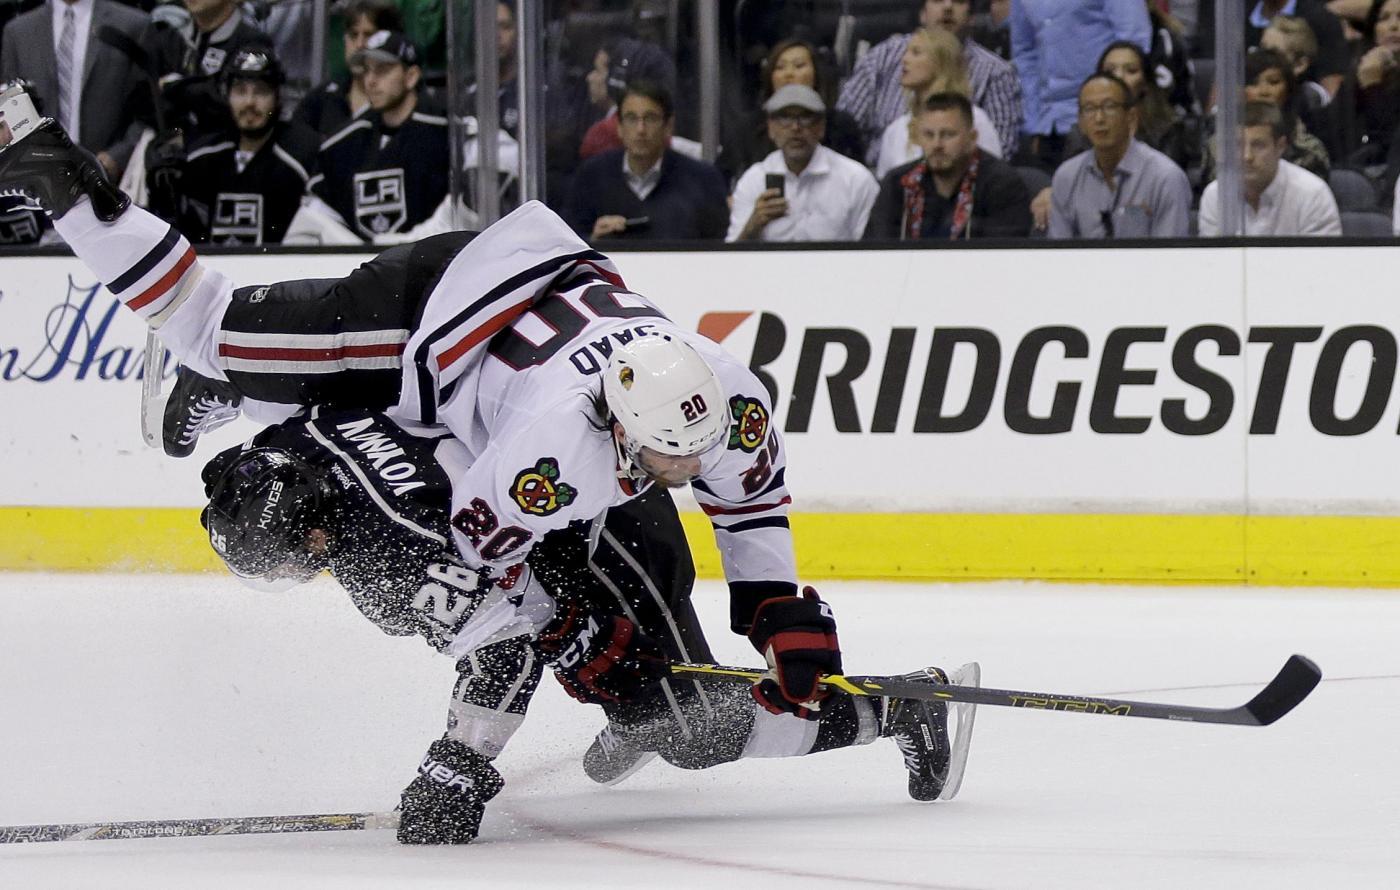 Pronostici NHL 6 gennaio, tre gare, Chicago cerca di risalire la china